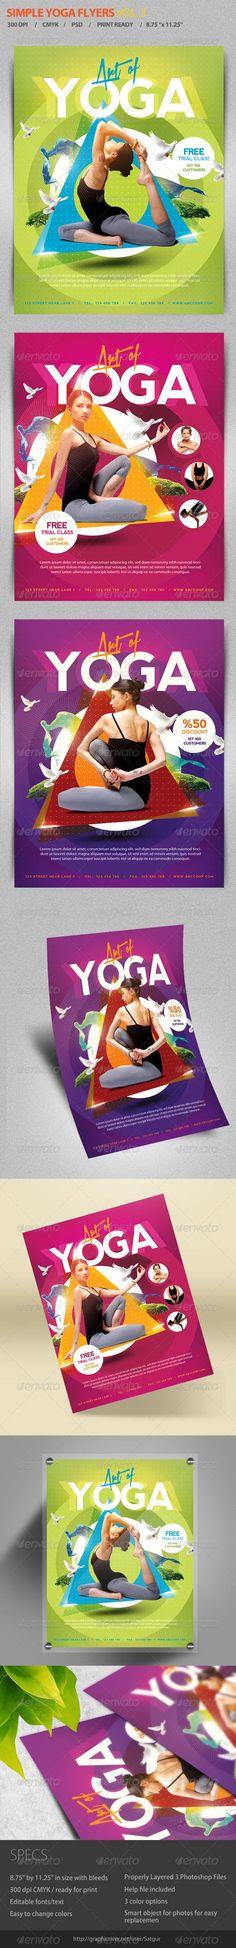 Yoga Flyer   Poster 2 Yoga, Printing and Graphics - yoga flyer